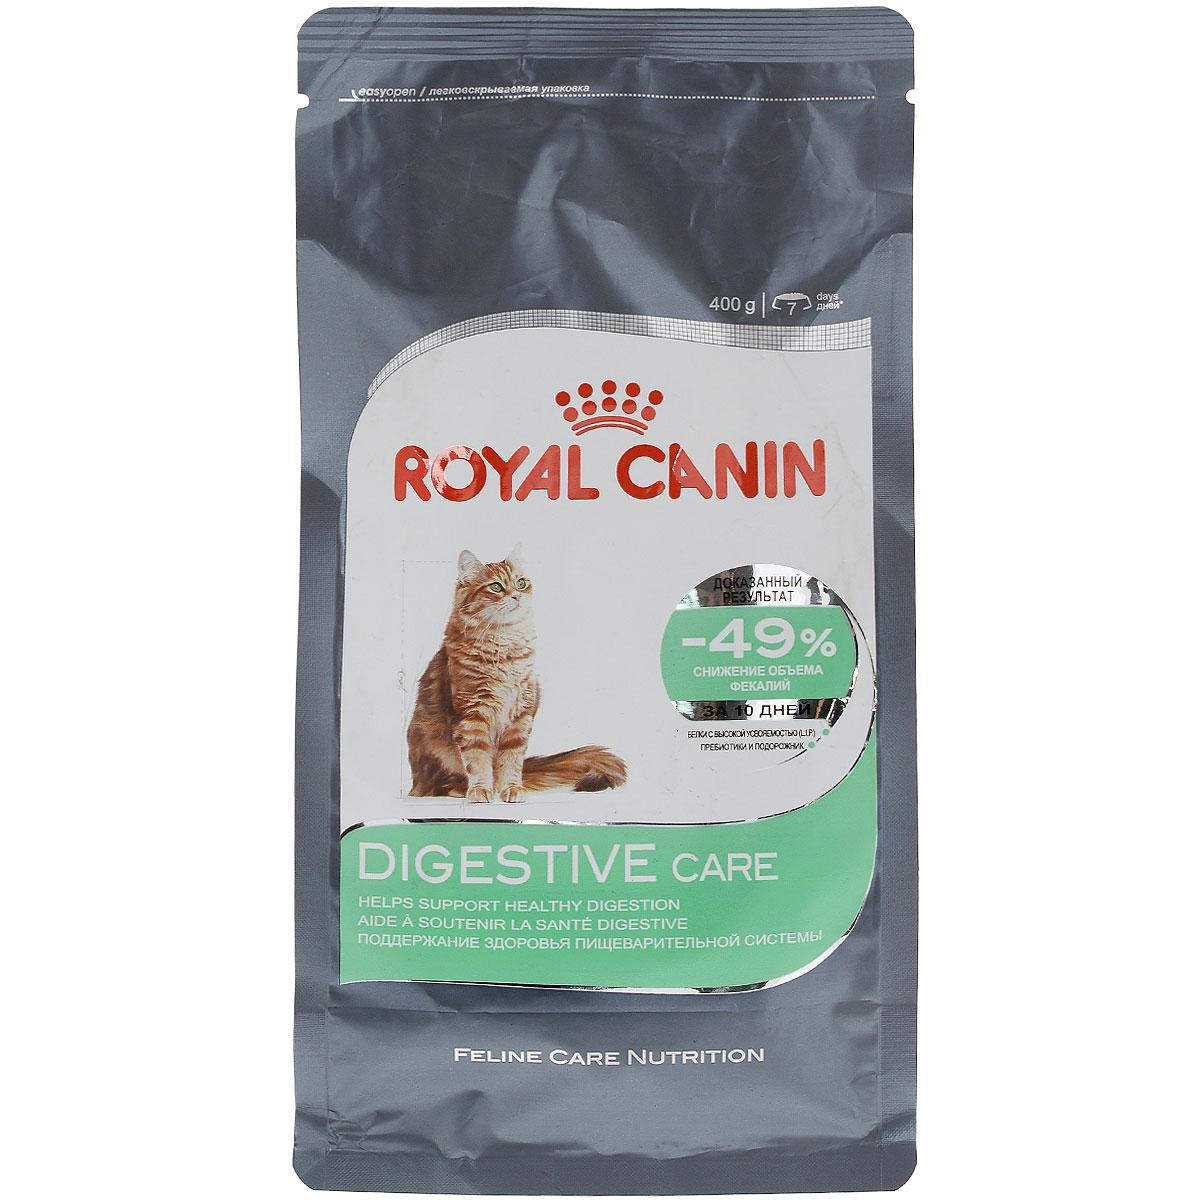 Корм сухой Royal Canin Digestive Care, для взрослых кошек с чувствительным пищеварением, 400 г59039Сухой корм Royal Canin Digestive Care - это полнорационный сбалансированный корм для кошек с расстройствами пищеварительной системы. По своей природе кошки регулярно потребляют небольшое количество пищи в течение дня. Однако, некоторые из них способны съесть достаточно большую порцию за короткое время, что может привести к пищеварительному расстройству и срыгиванию. Специальные крокеты разработаны для того, чтобы стимулировать тщательное пережевывание корма и предотвратить его заглатывание, что предотвратит срыгивание пищи. Формула специально разработана для того, чтобы способствовать оптимальному усвоению продукта и облегчить процесс пищеварения. В дальнейшем это приведет к уменьшению объема фекалий. Уход за ЖКТ-это точно сбалансированная питательная формула, которая помогает поддерживать здоровье пищеварительной системы. С двойным действием: - Легко усваивается: пищеварительная формула содержит белки чрезвычайно высокой усвояемости (L.I.P). В его...